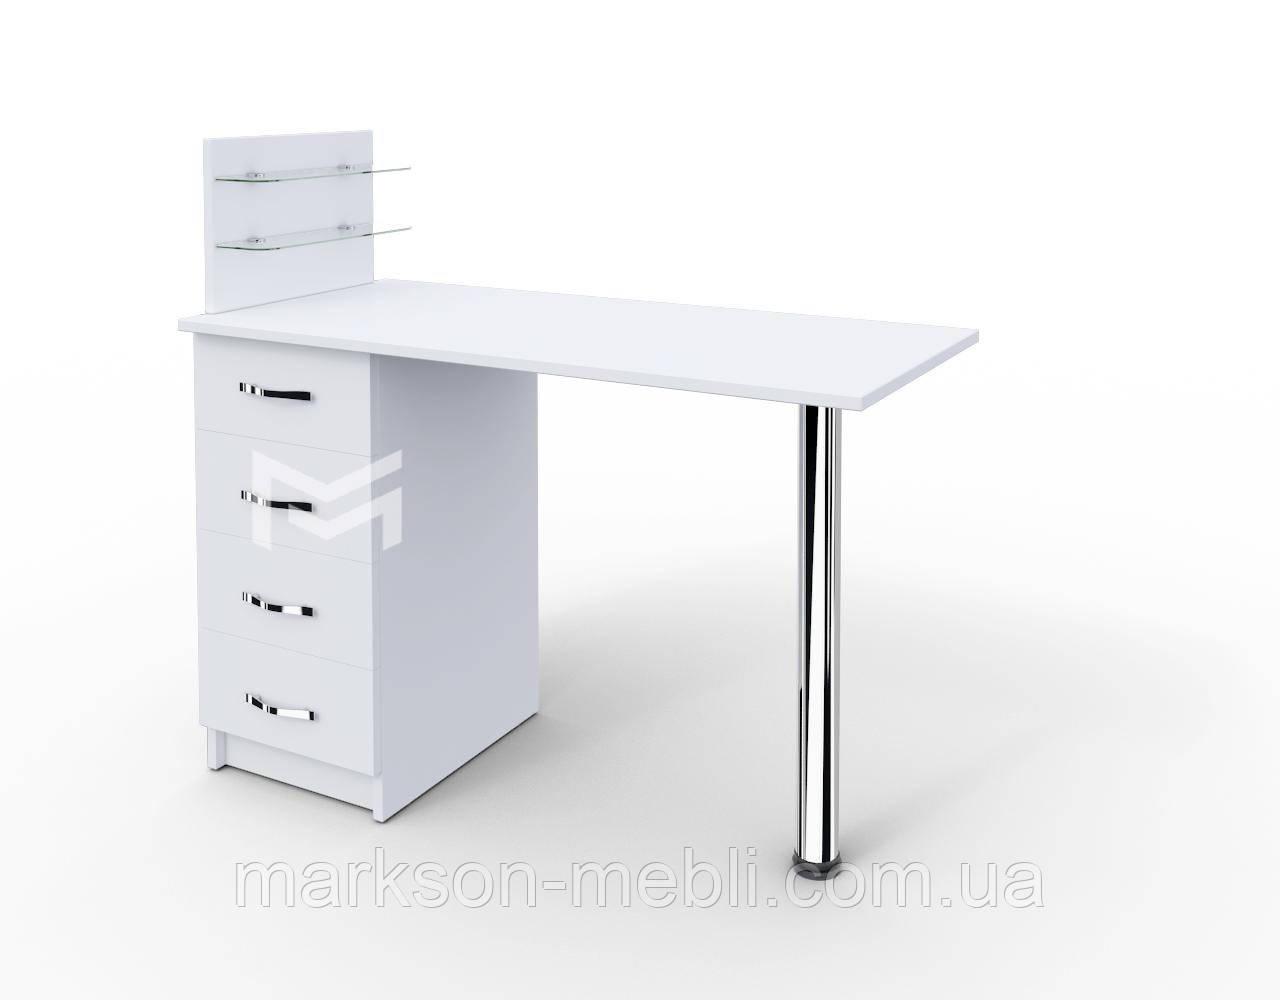 """Маникюрный стол M106 """"Классик"""" c стеклянными полочками под лак"""